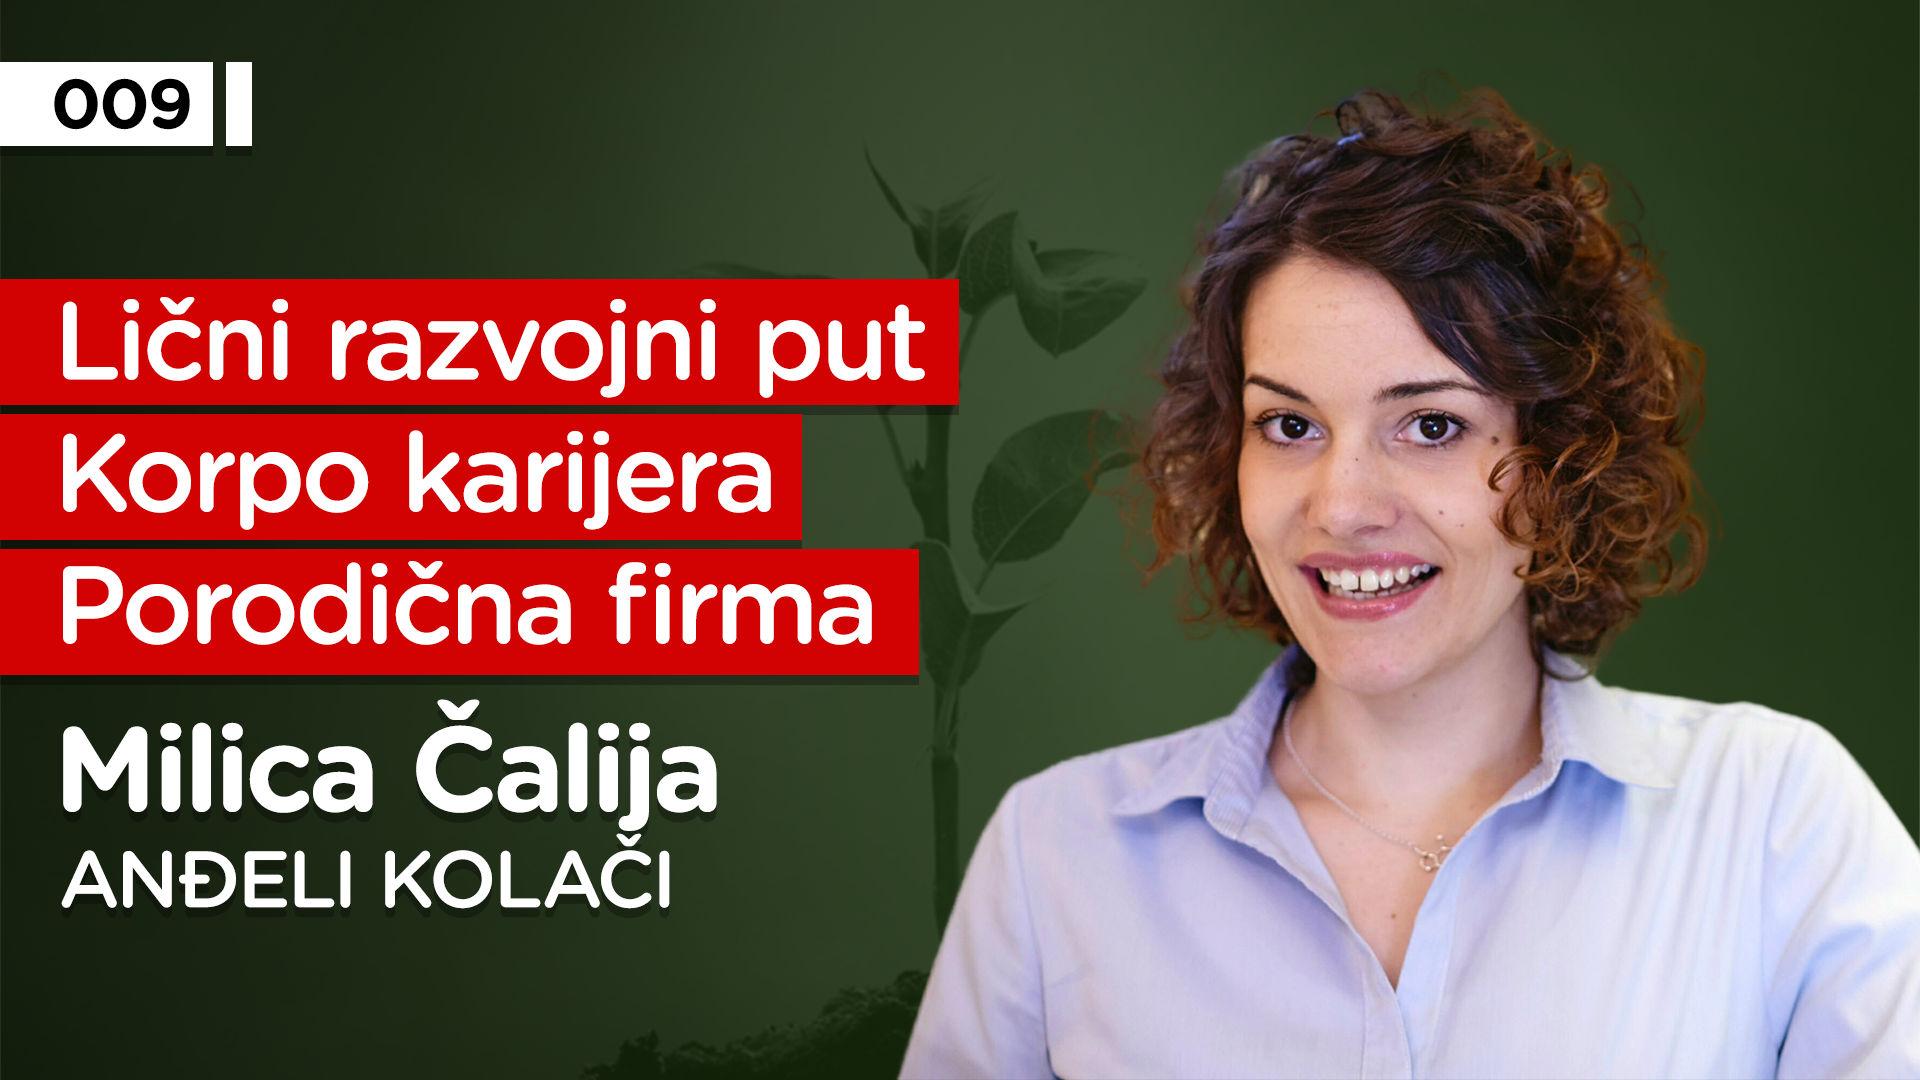 EP009: Milica Čalija